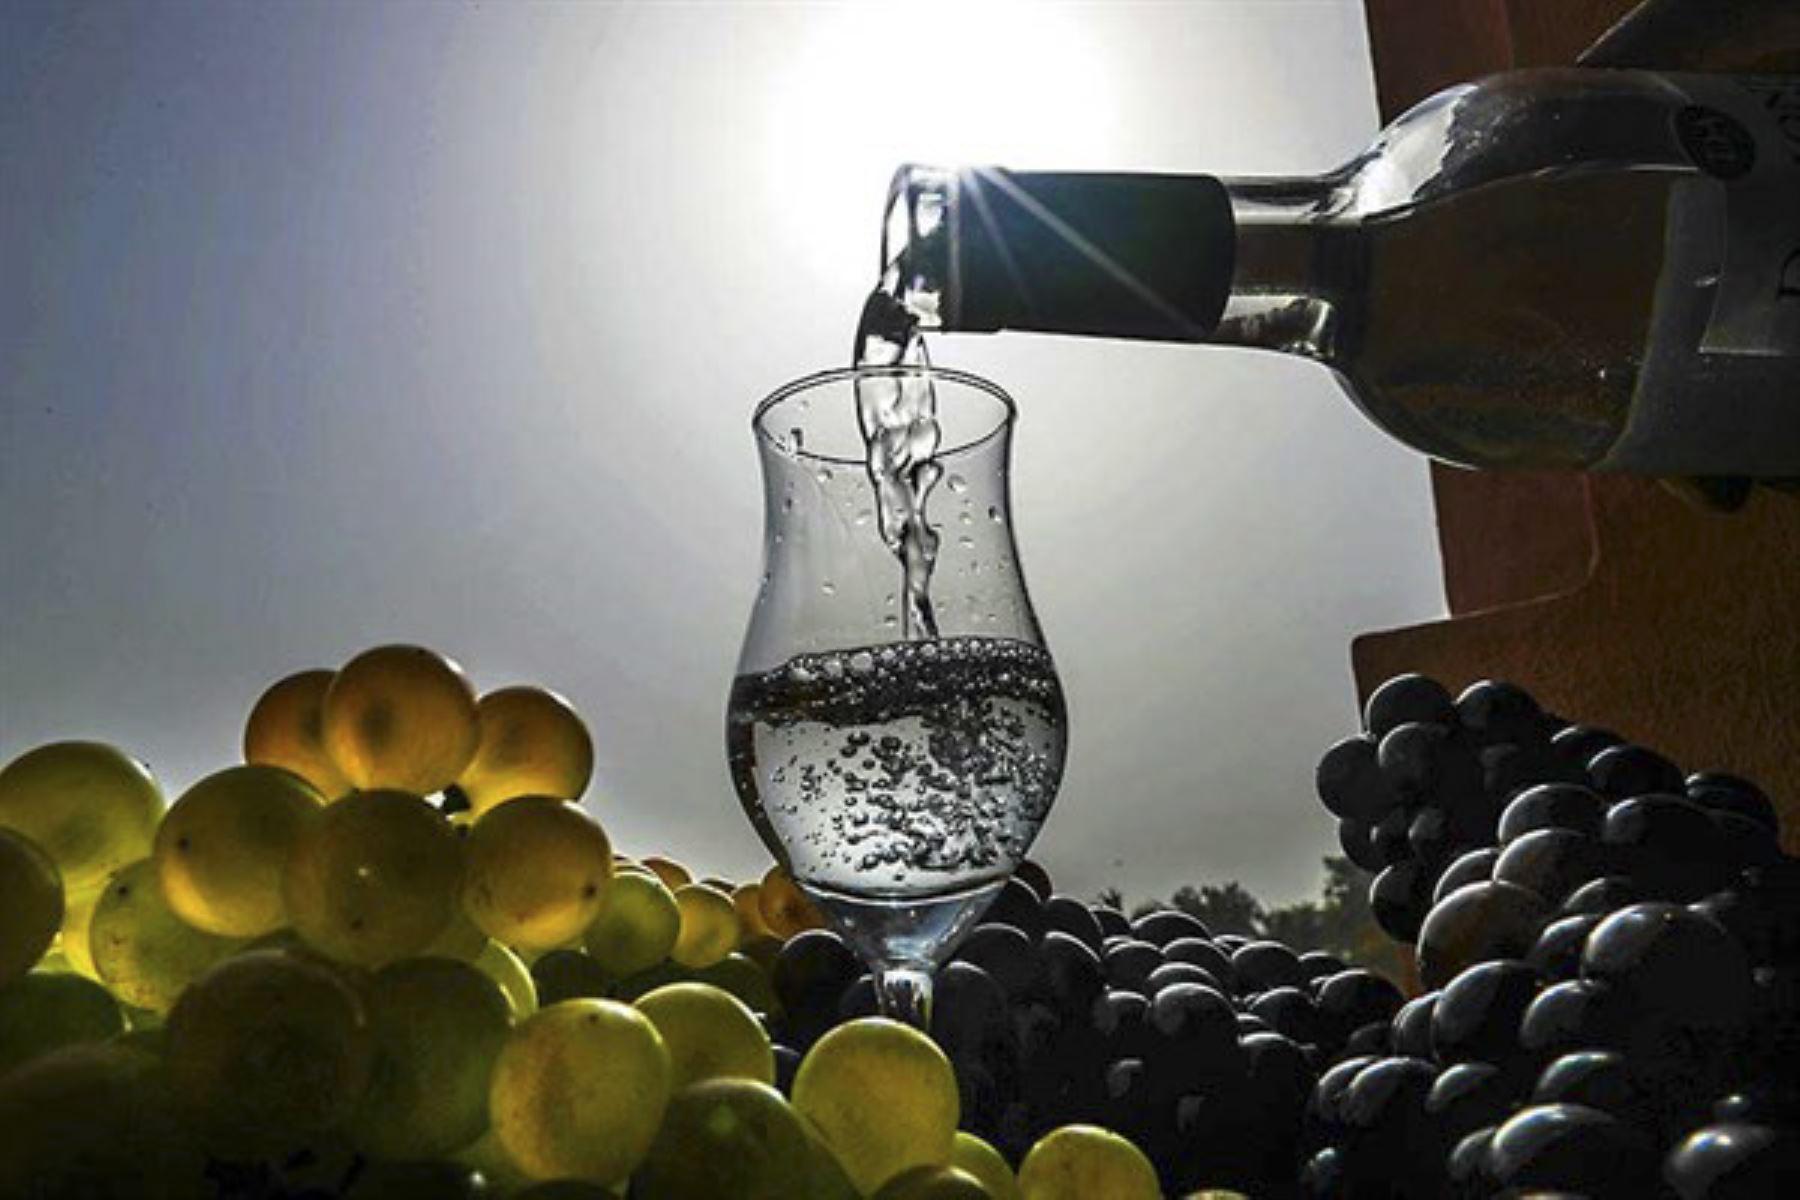 La iniciativa de Concytec se focaliza en la elaboración y comercialización de destilados de alta gama como el pisco. ANDINA